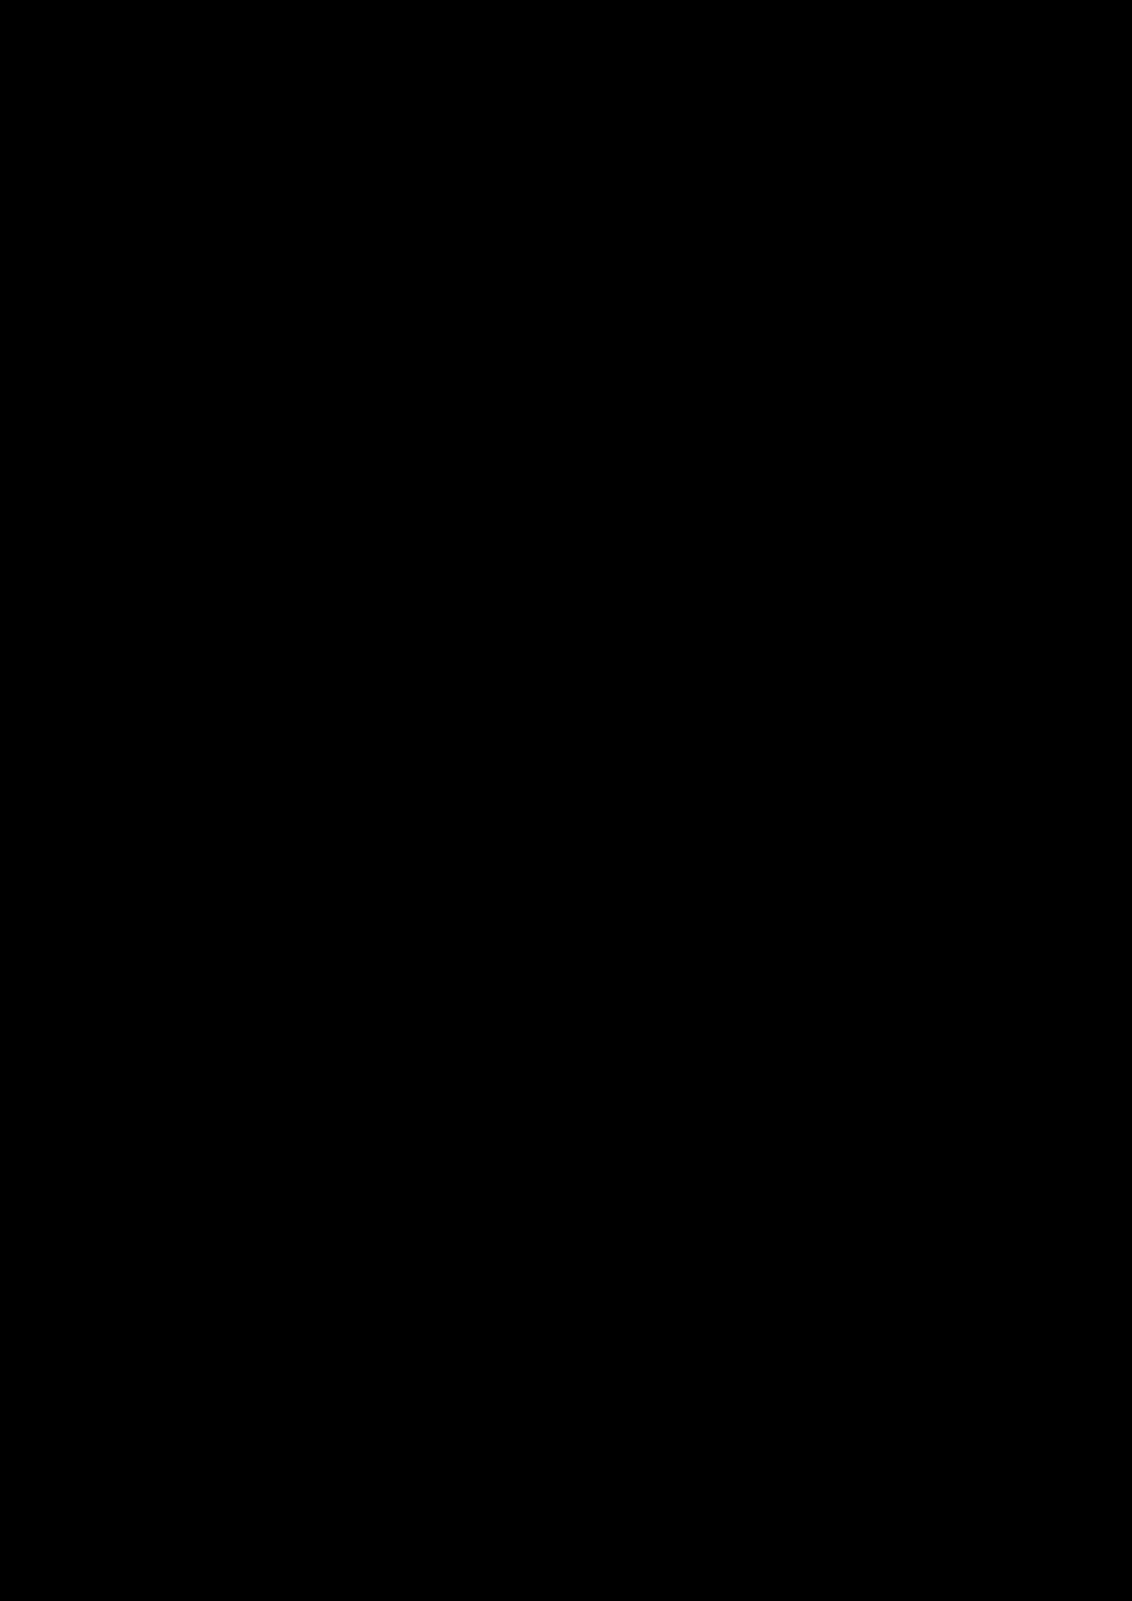 Prolog slide, Image 21